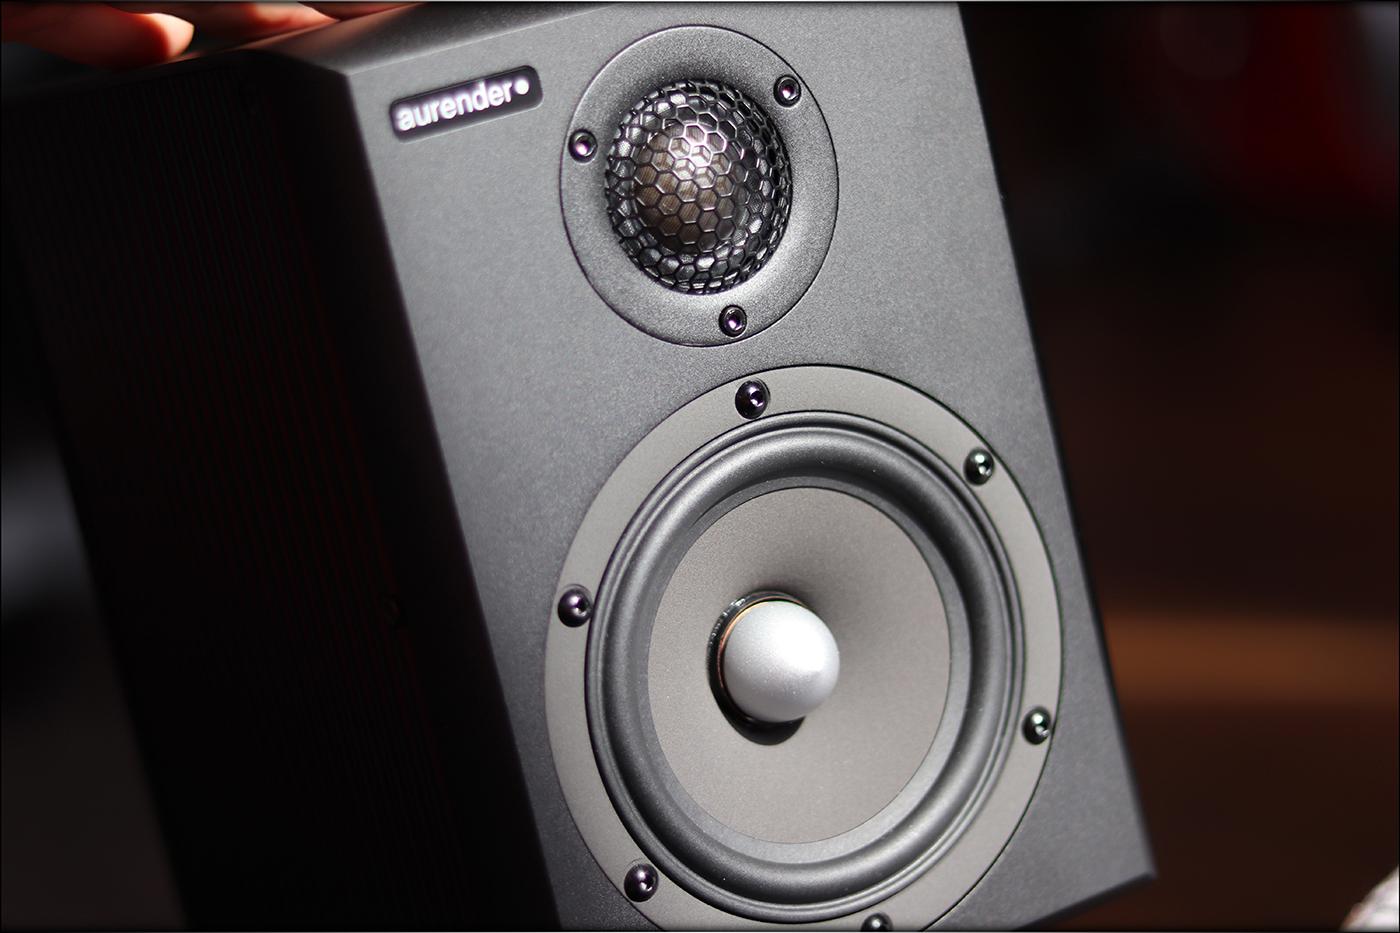 Aurender-S5W-Speakers-Wireless-Bosch-Battery-Flagship-Stereo-26.jpg